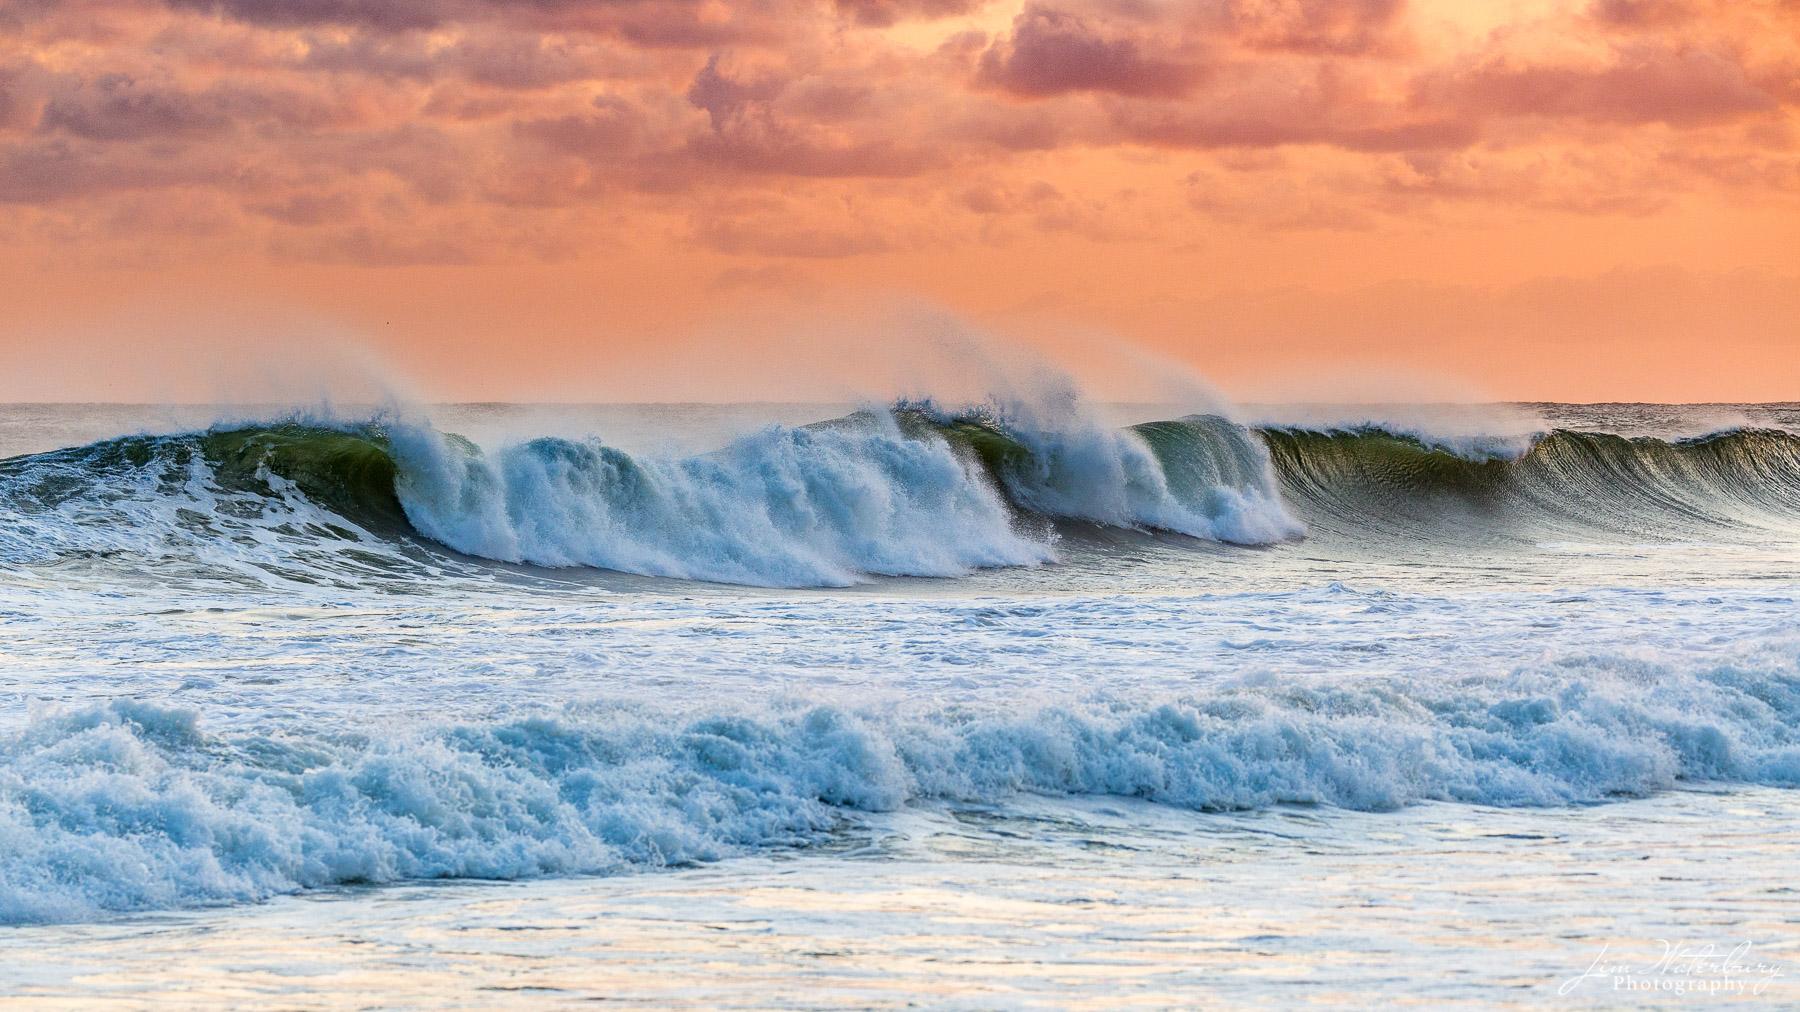 waves, beach, shore, orange sky, ocean, photo